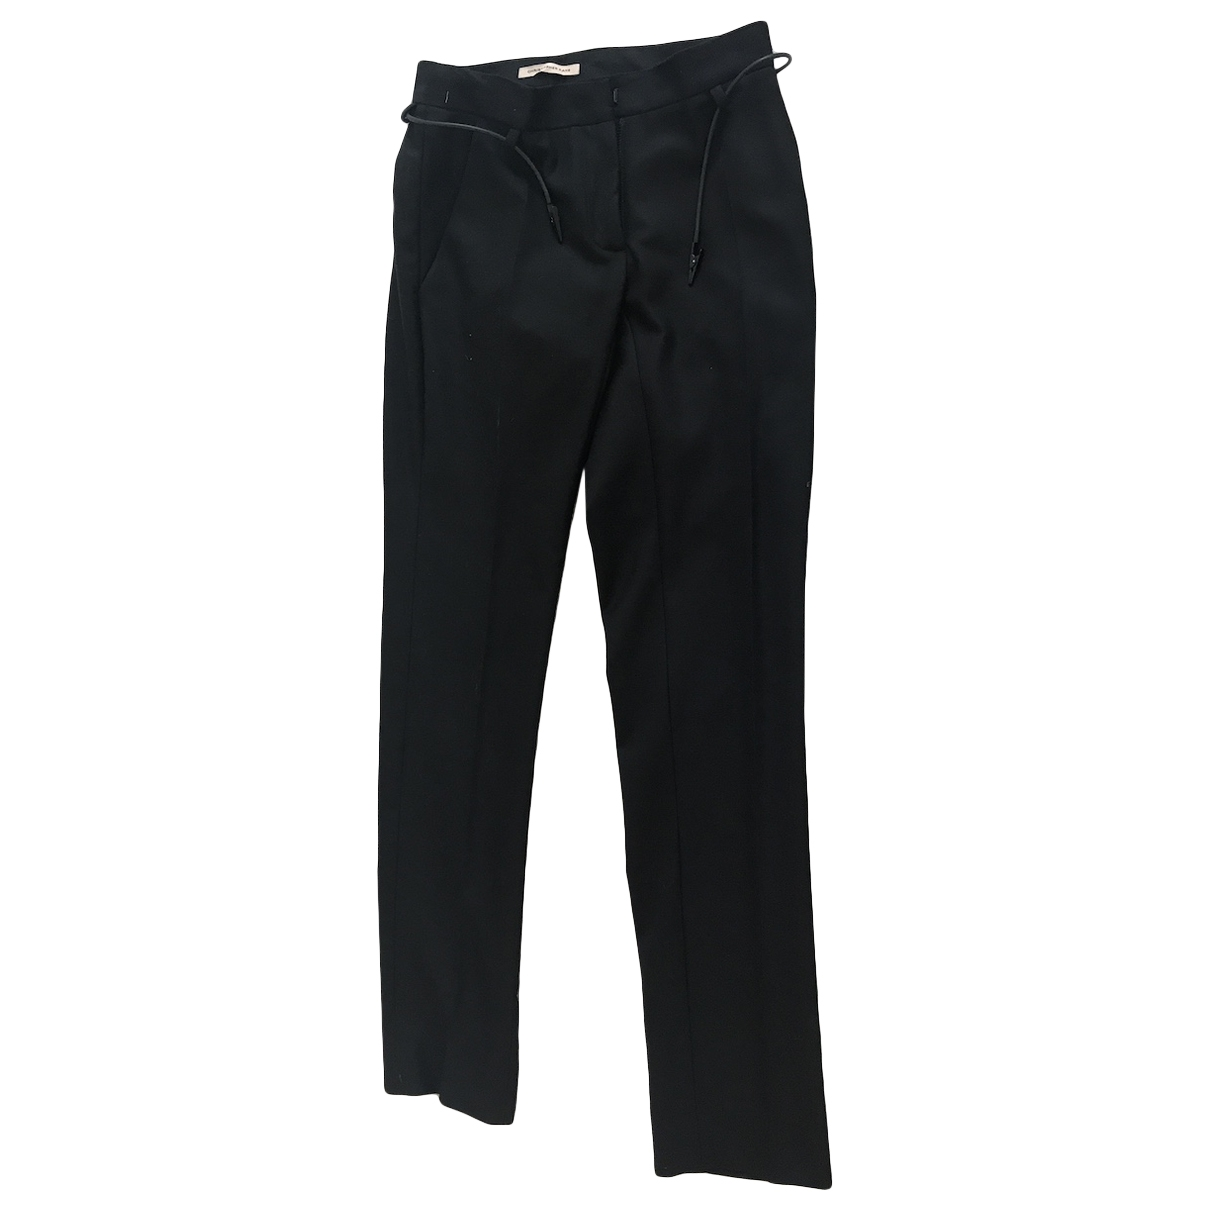 Pantalon de traje de Lana Christopher Kane